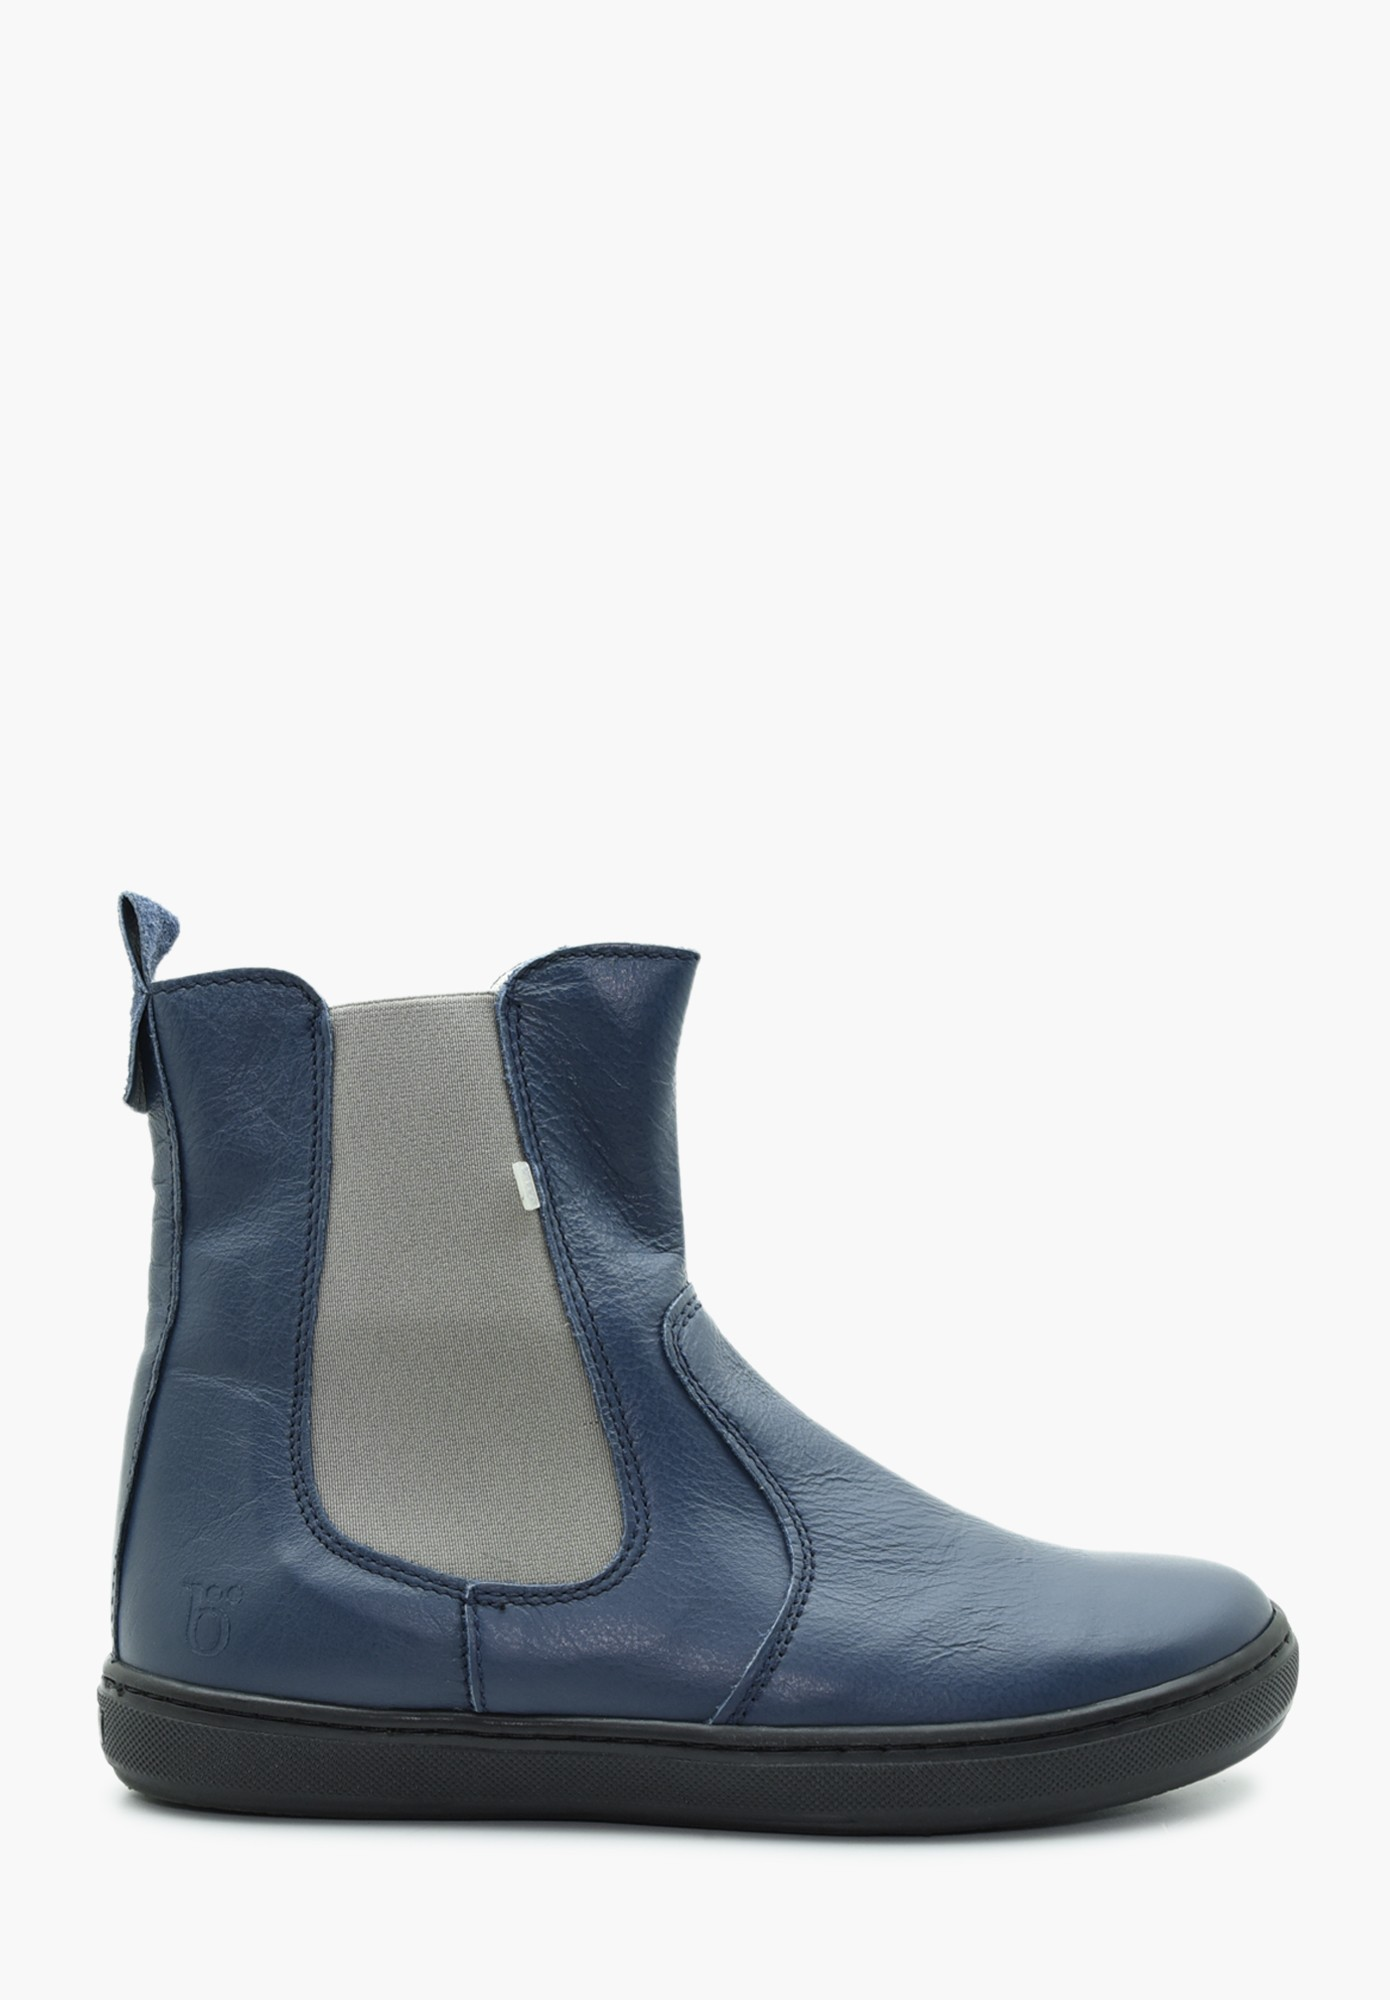 Junior Boy Virgin wool Boots